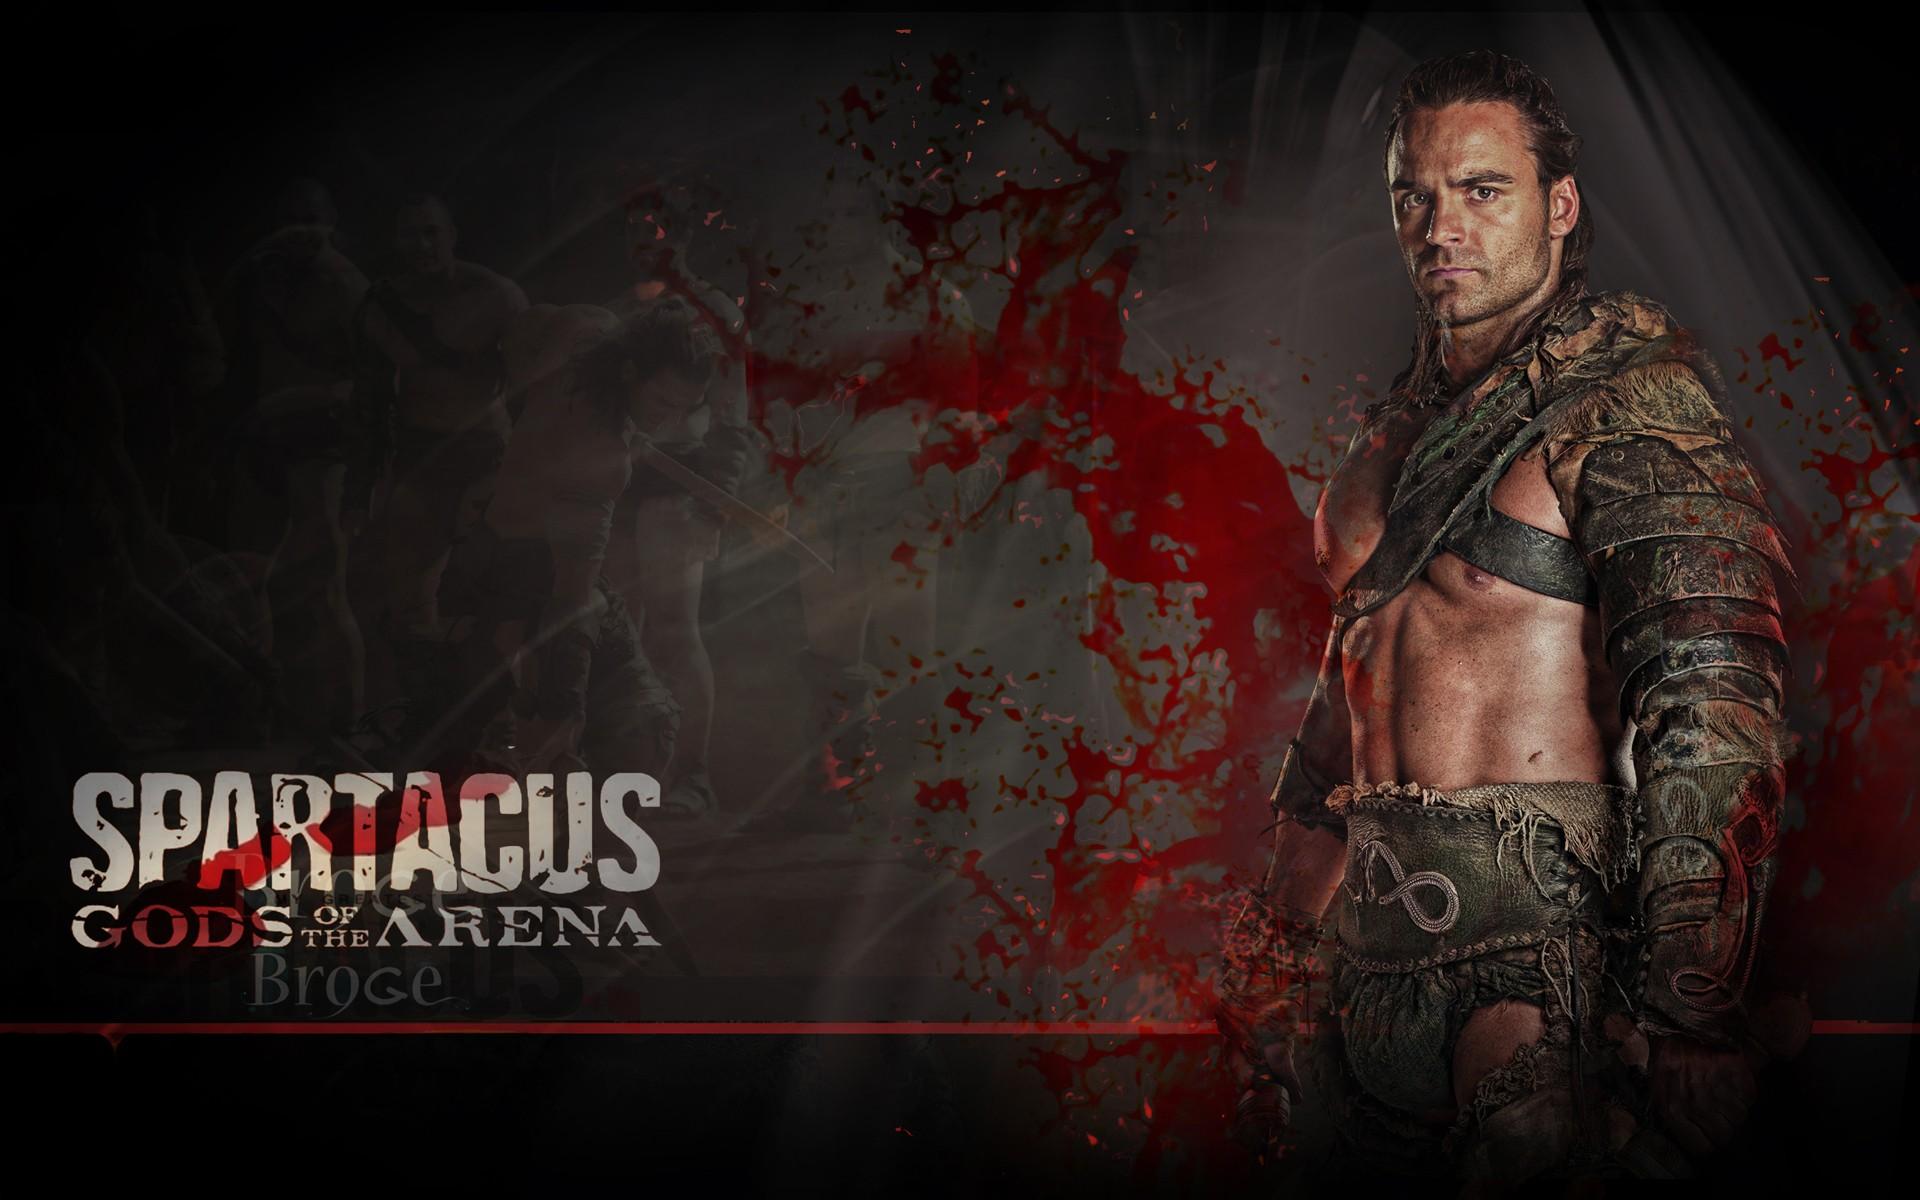 spartacus gladiator tv series gods of the arena 1208683 1920x1200